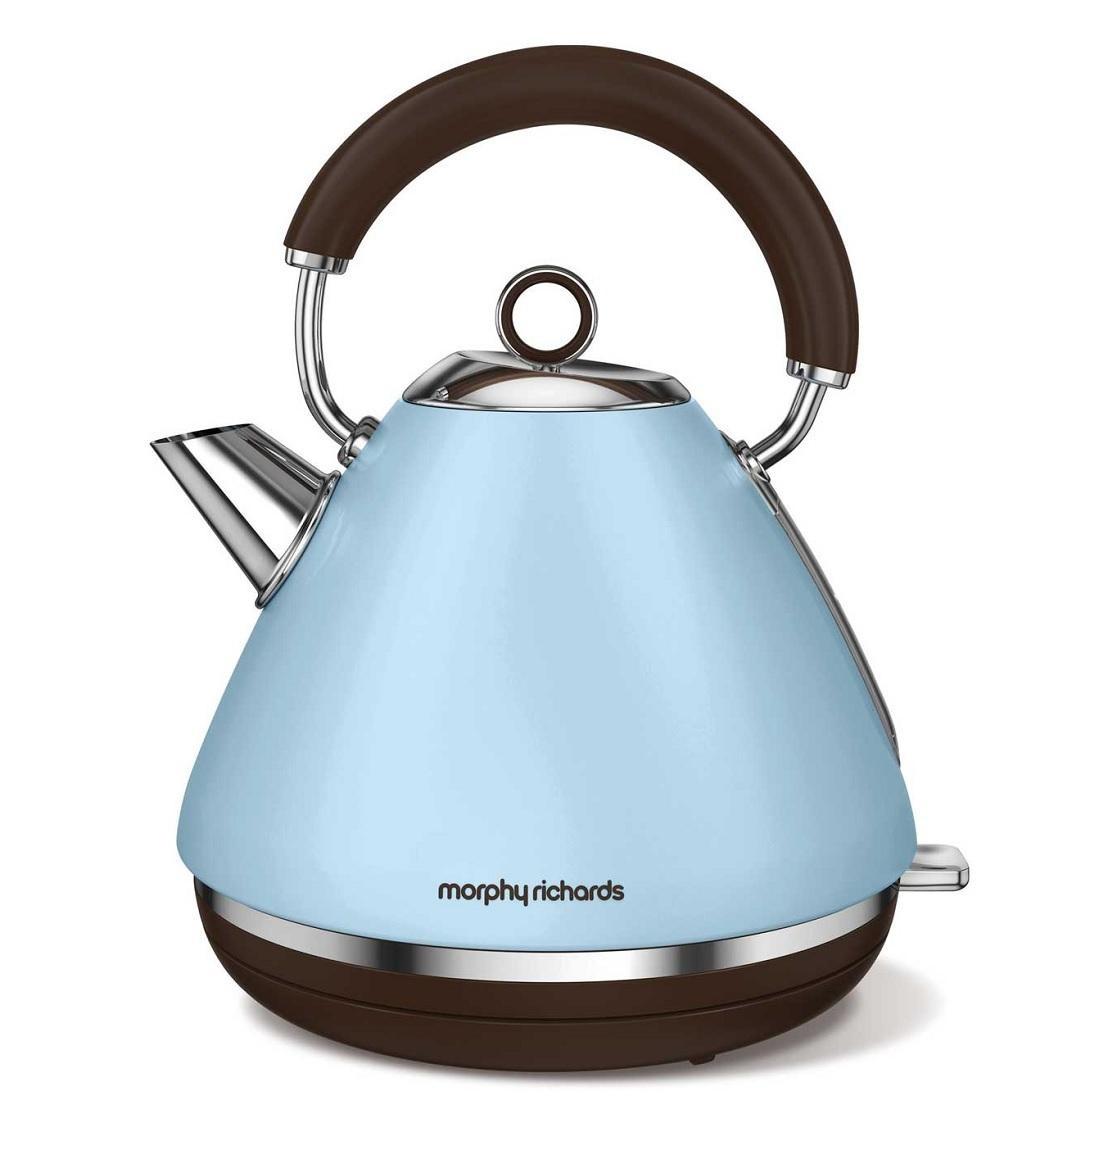 morphy-richards-102100-kettle.jpg